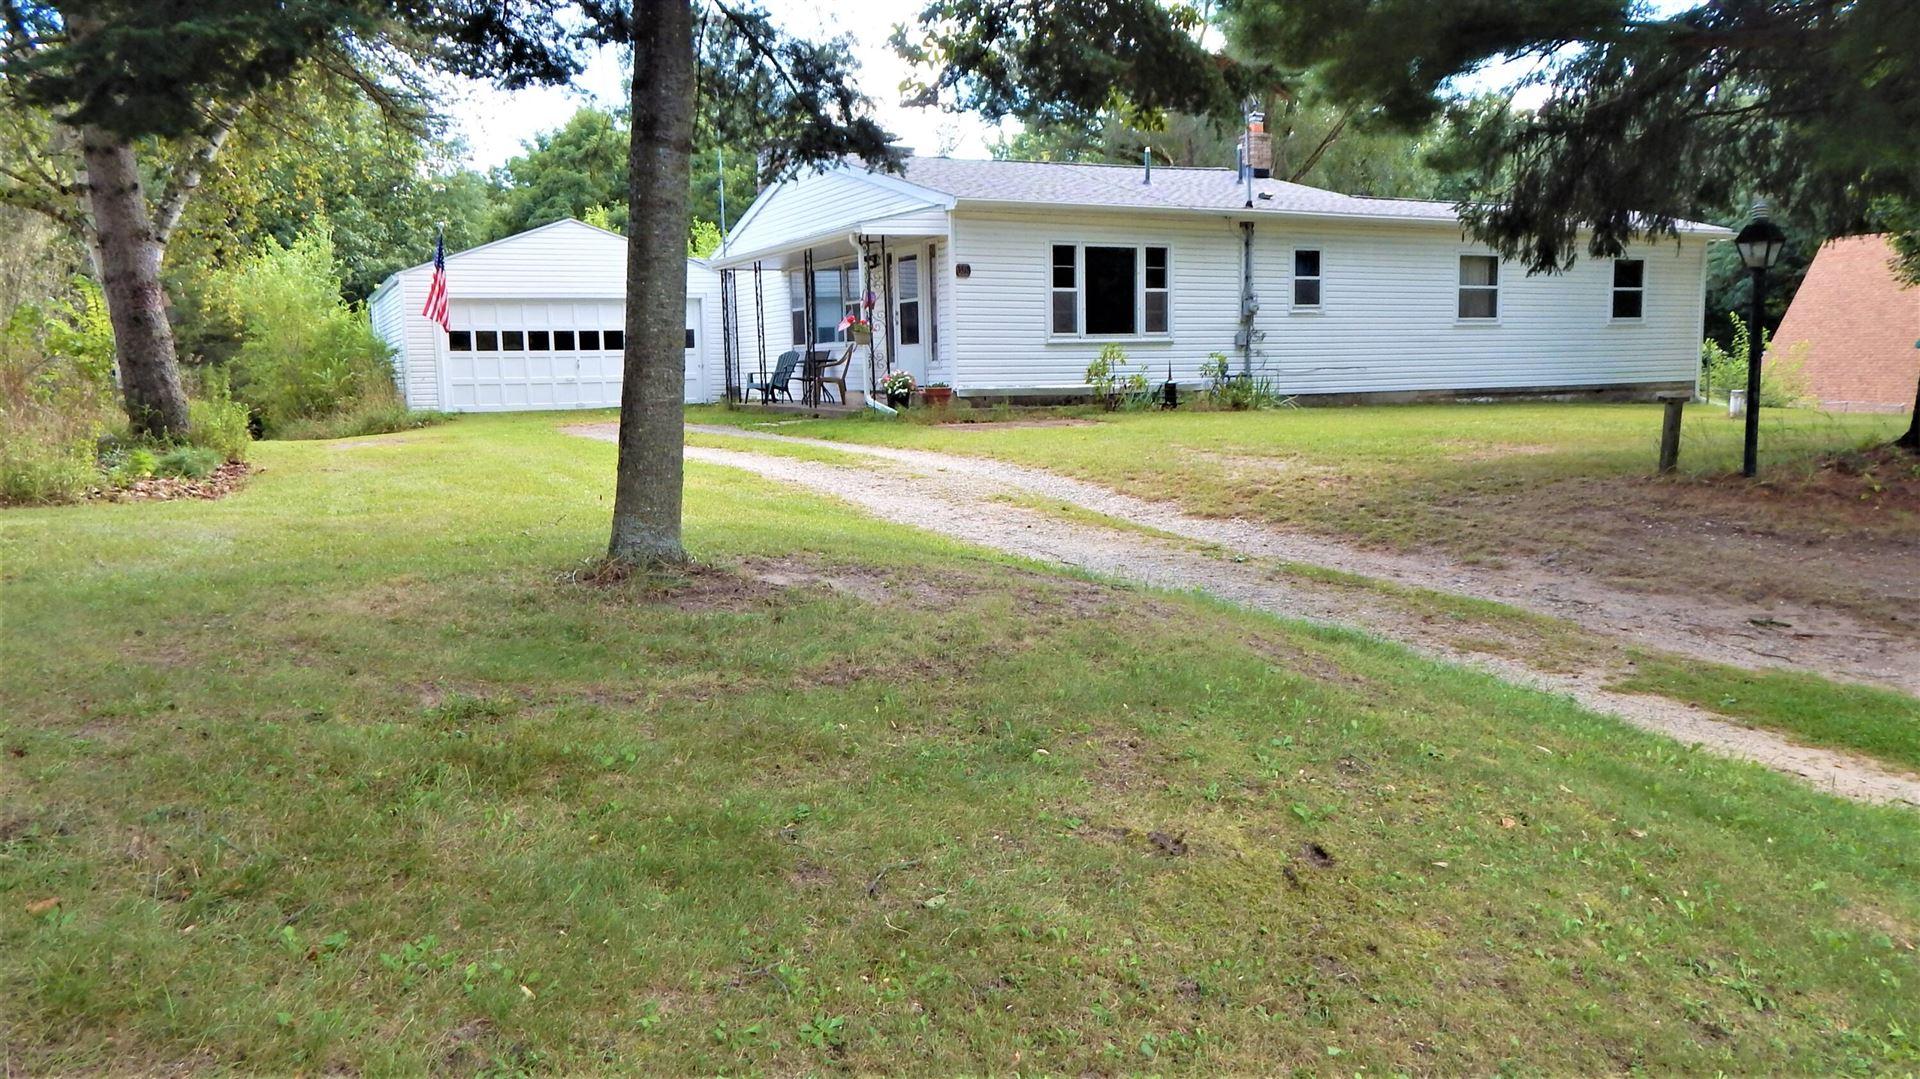 3518 E Kirby Road, Battle Creek, MI 49017 - MLS#: 21105180